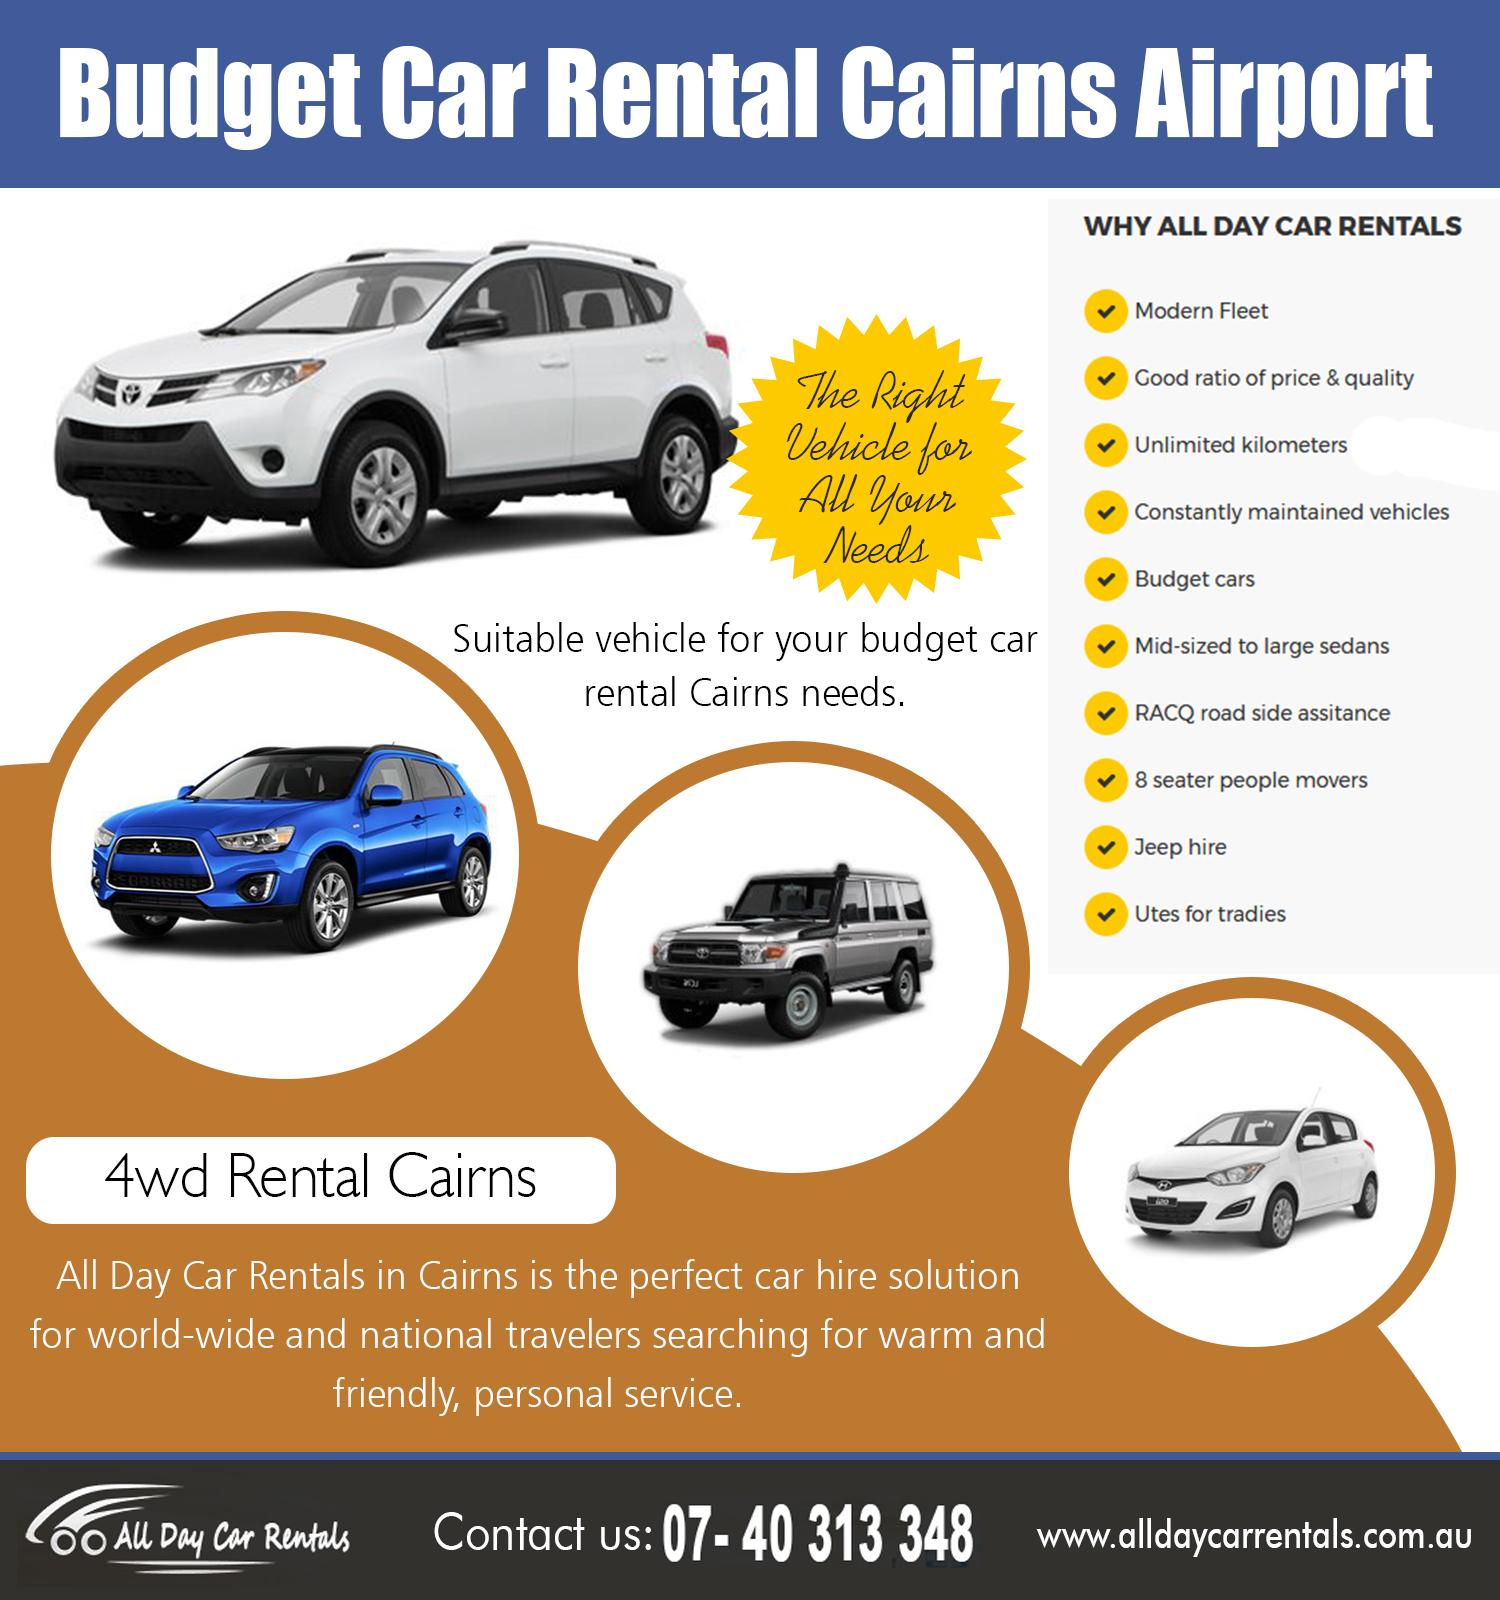 Budget Car Rental Cairns Airport 740313348 Alldaycarrentals Com